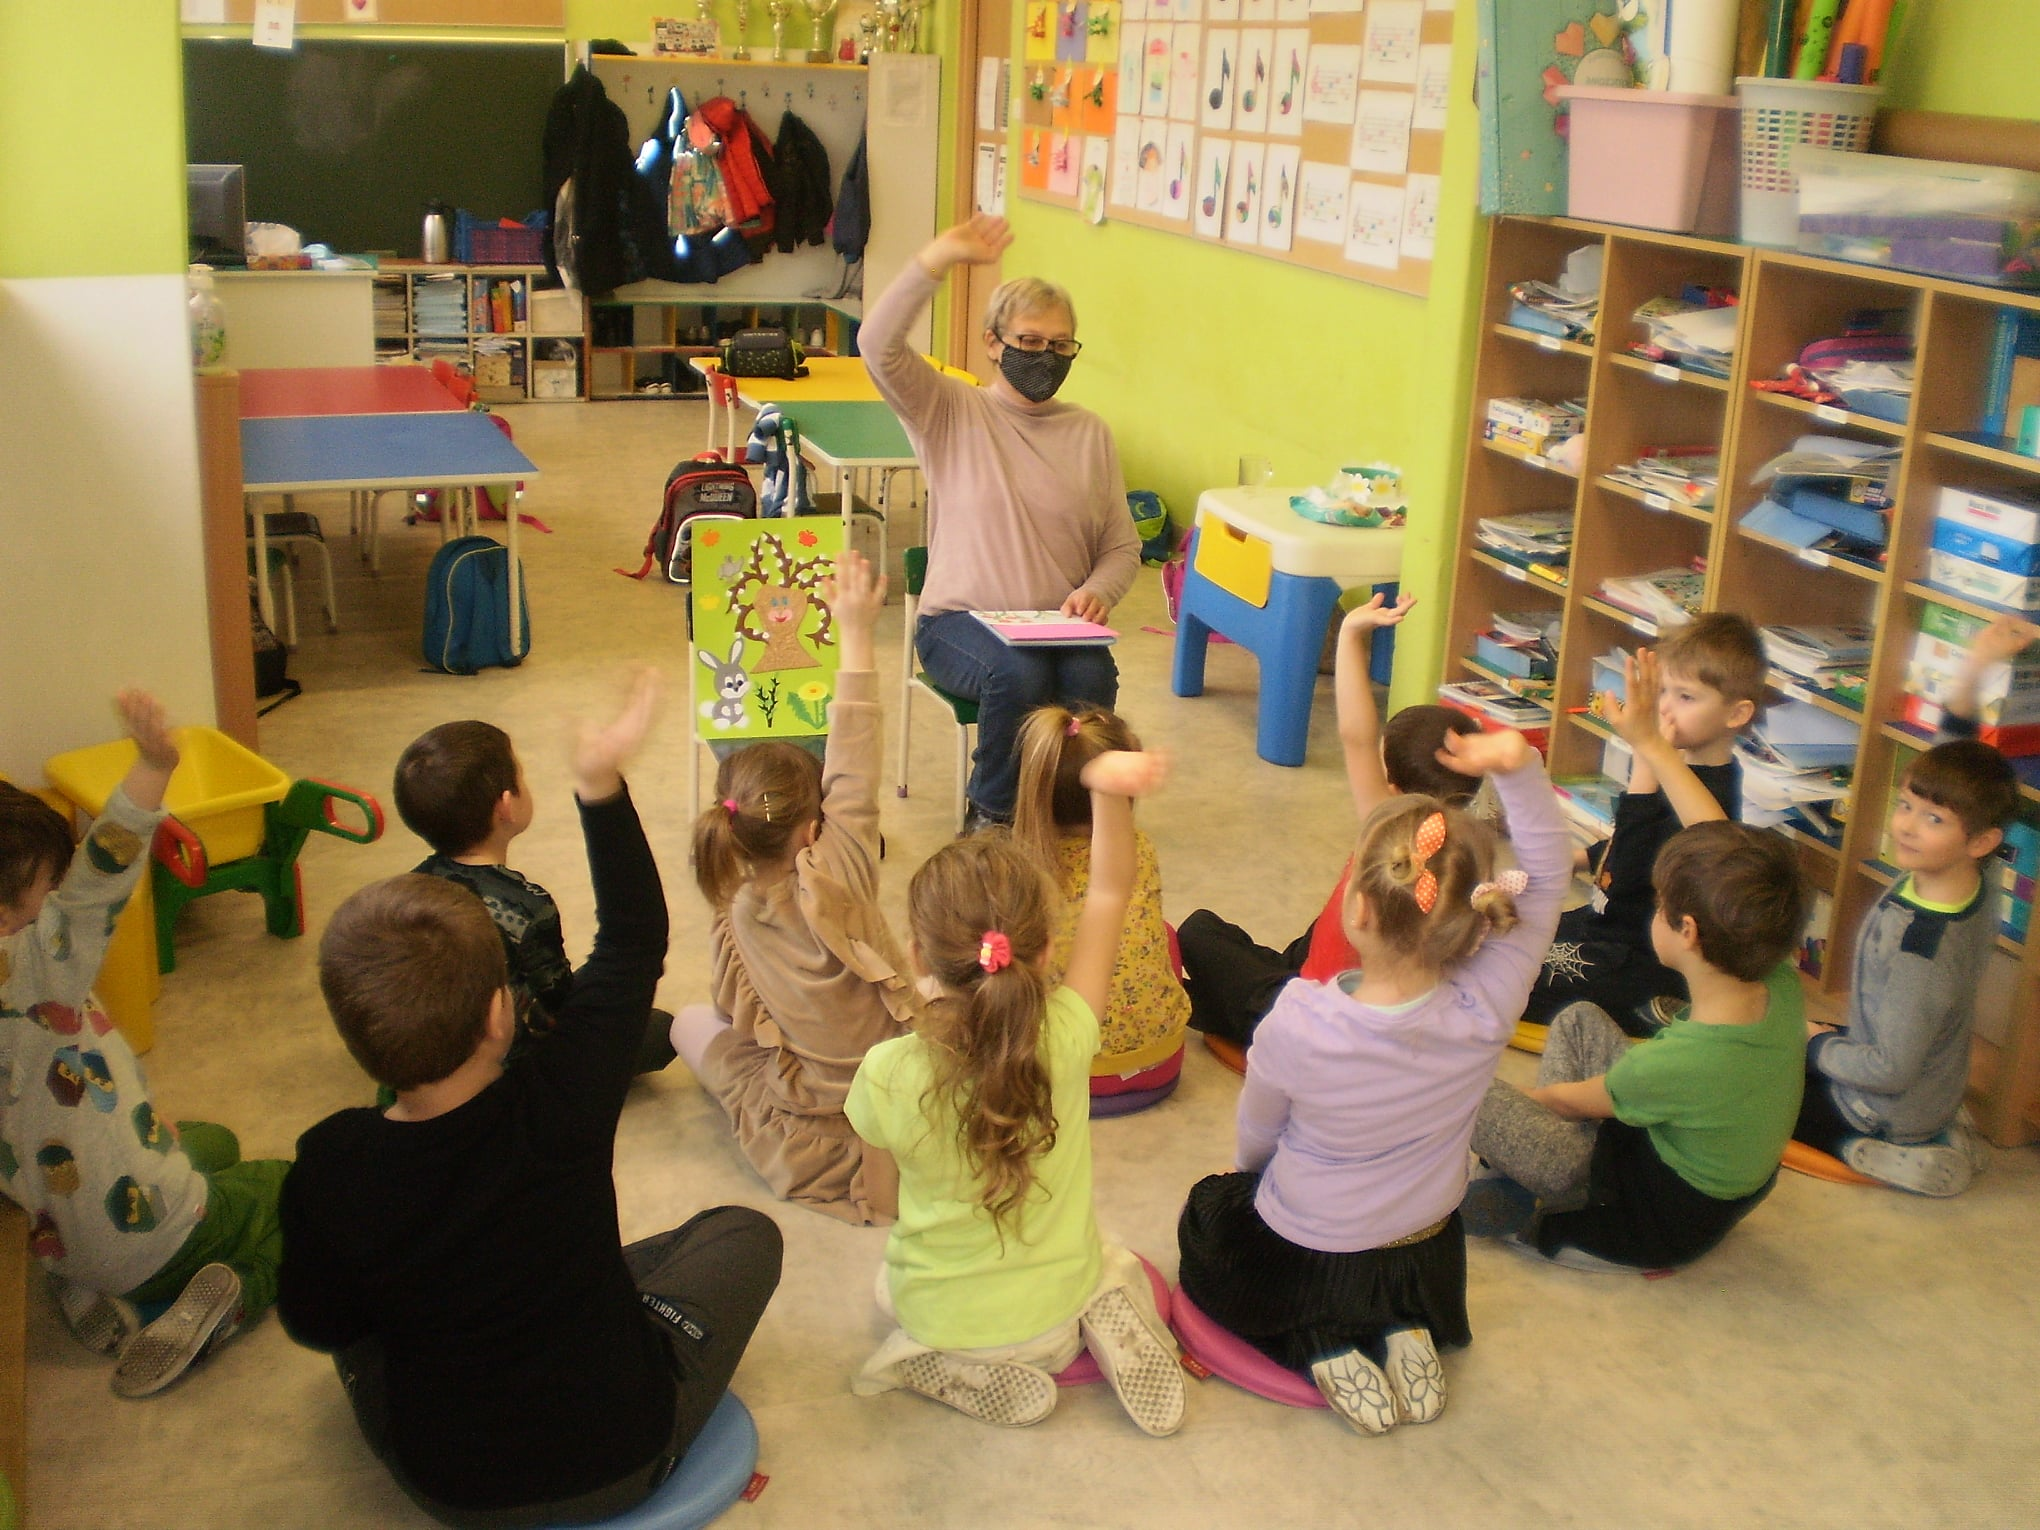 Nauczyciel siedzi na krześle, obok na sztaludze plakat wiosenny, dzieci siedzą na dywanie i zgłaszają się do odpowiedzi